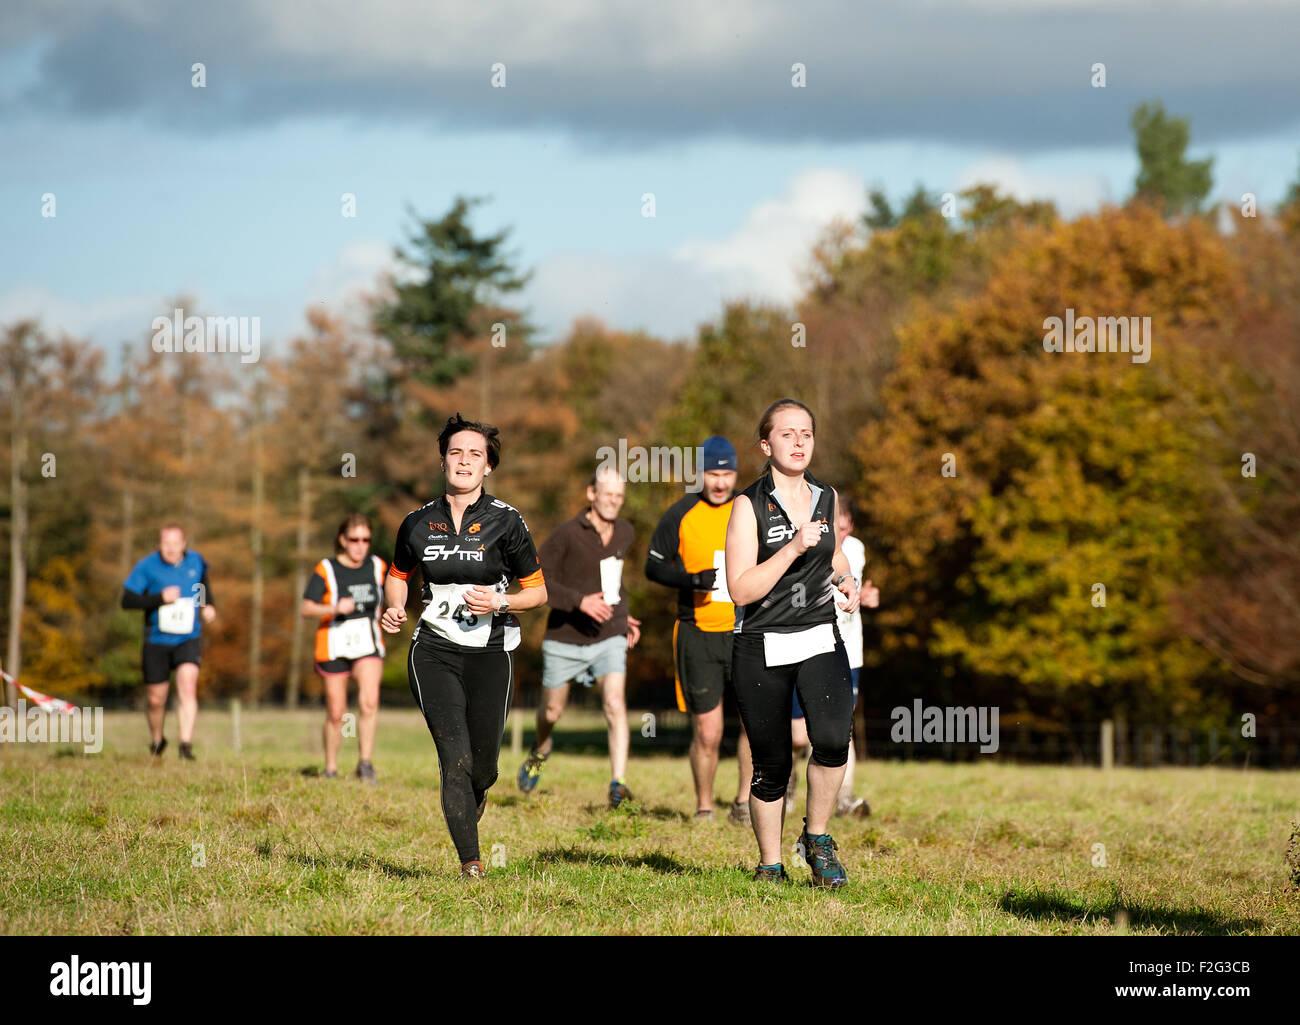 Les coureurs de cross-country pour traverser un champ dans le soleil d'automne Photo Stock